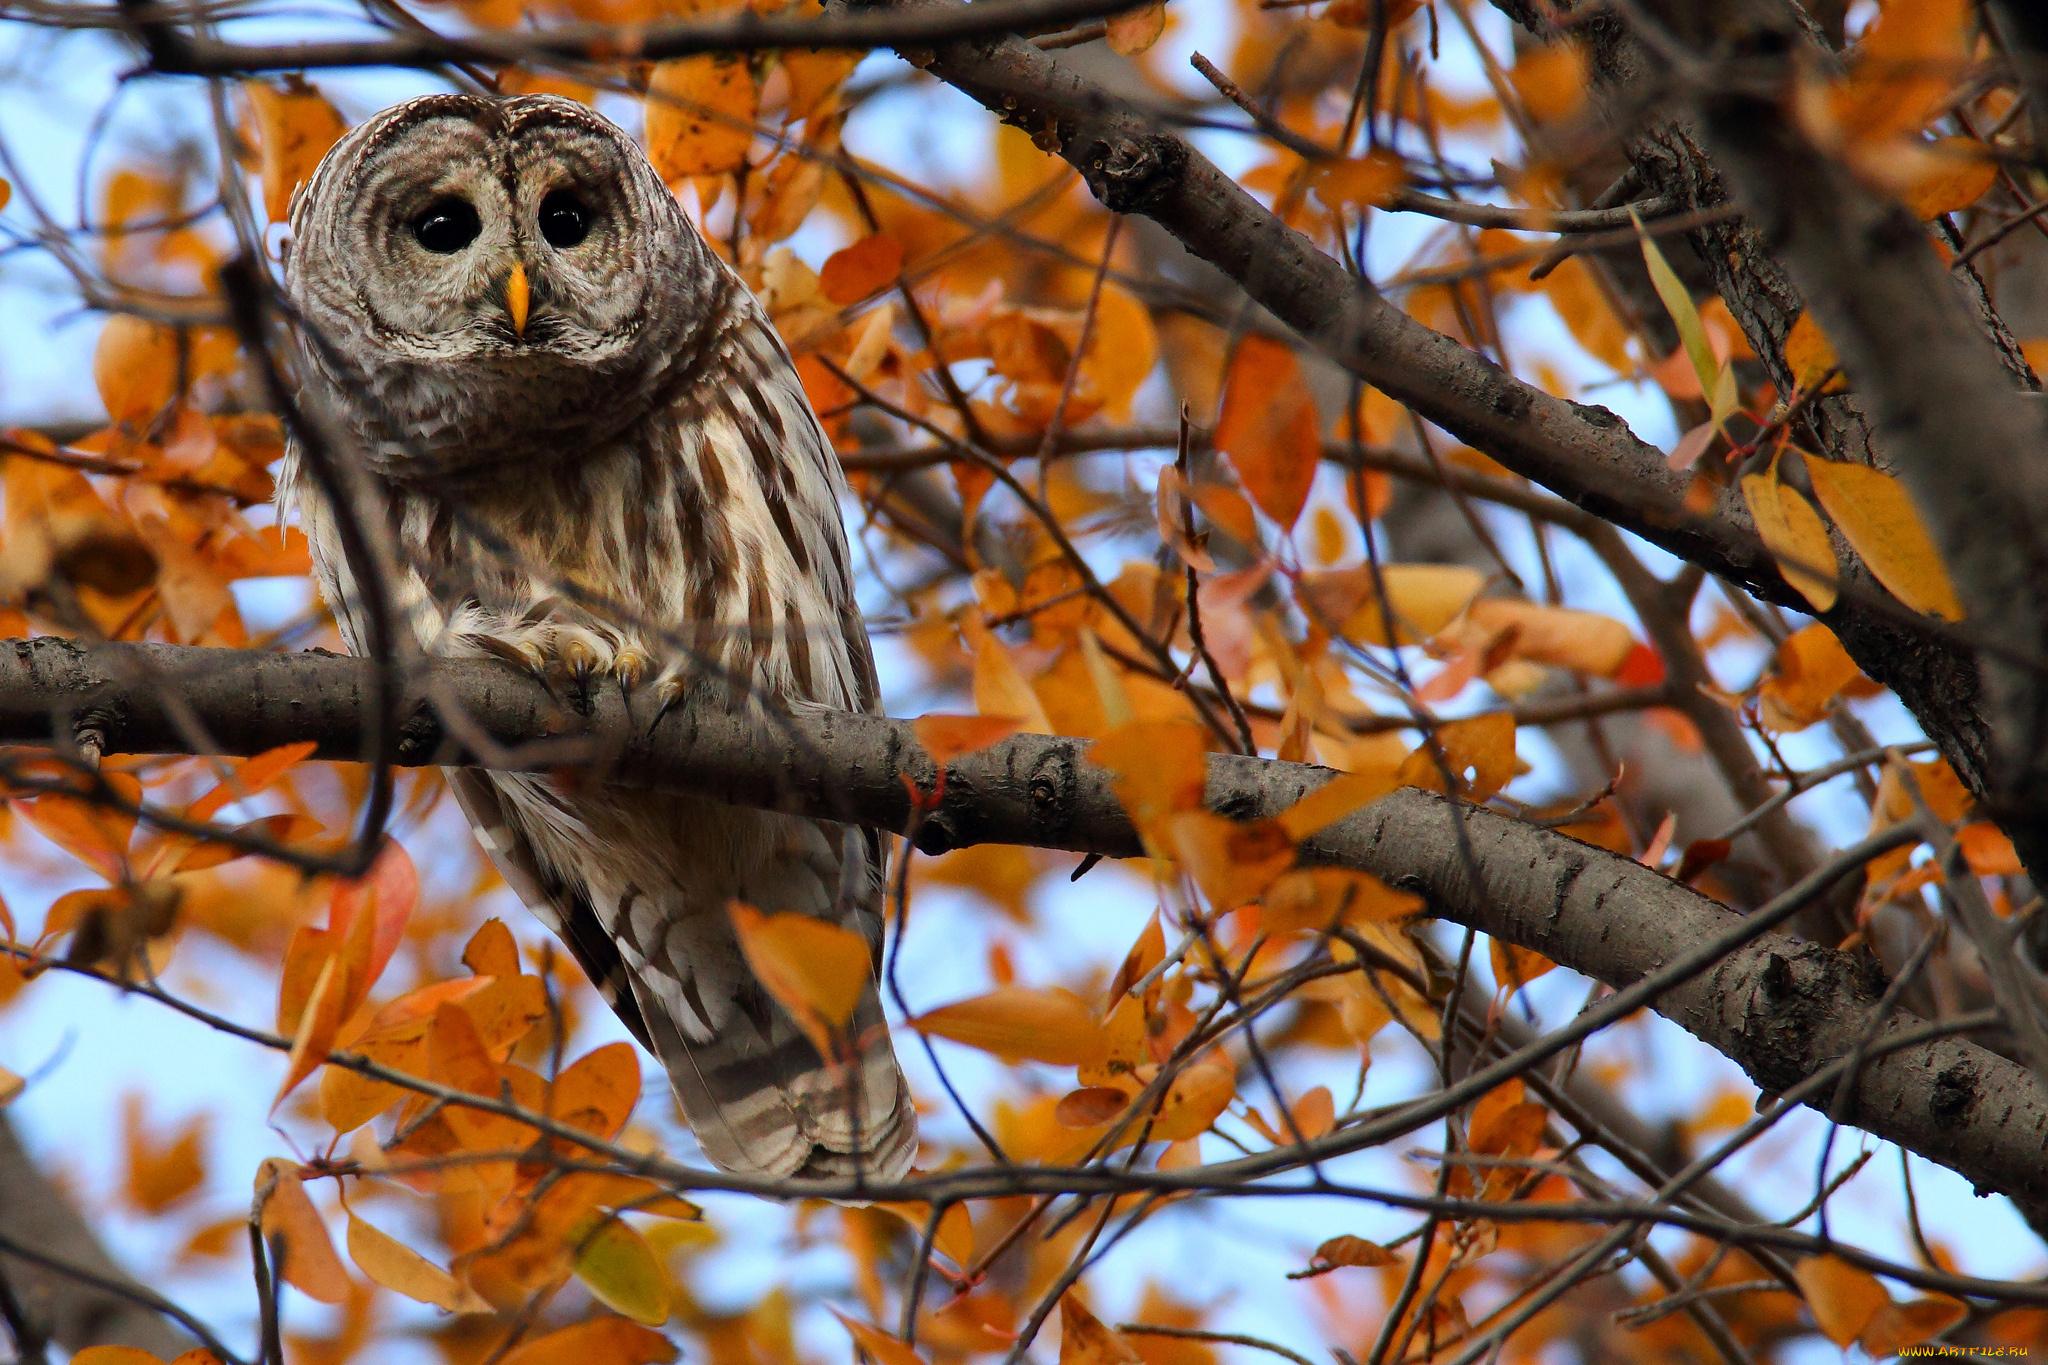 природа животные сова птицы осень листья загрузить